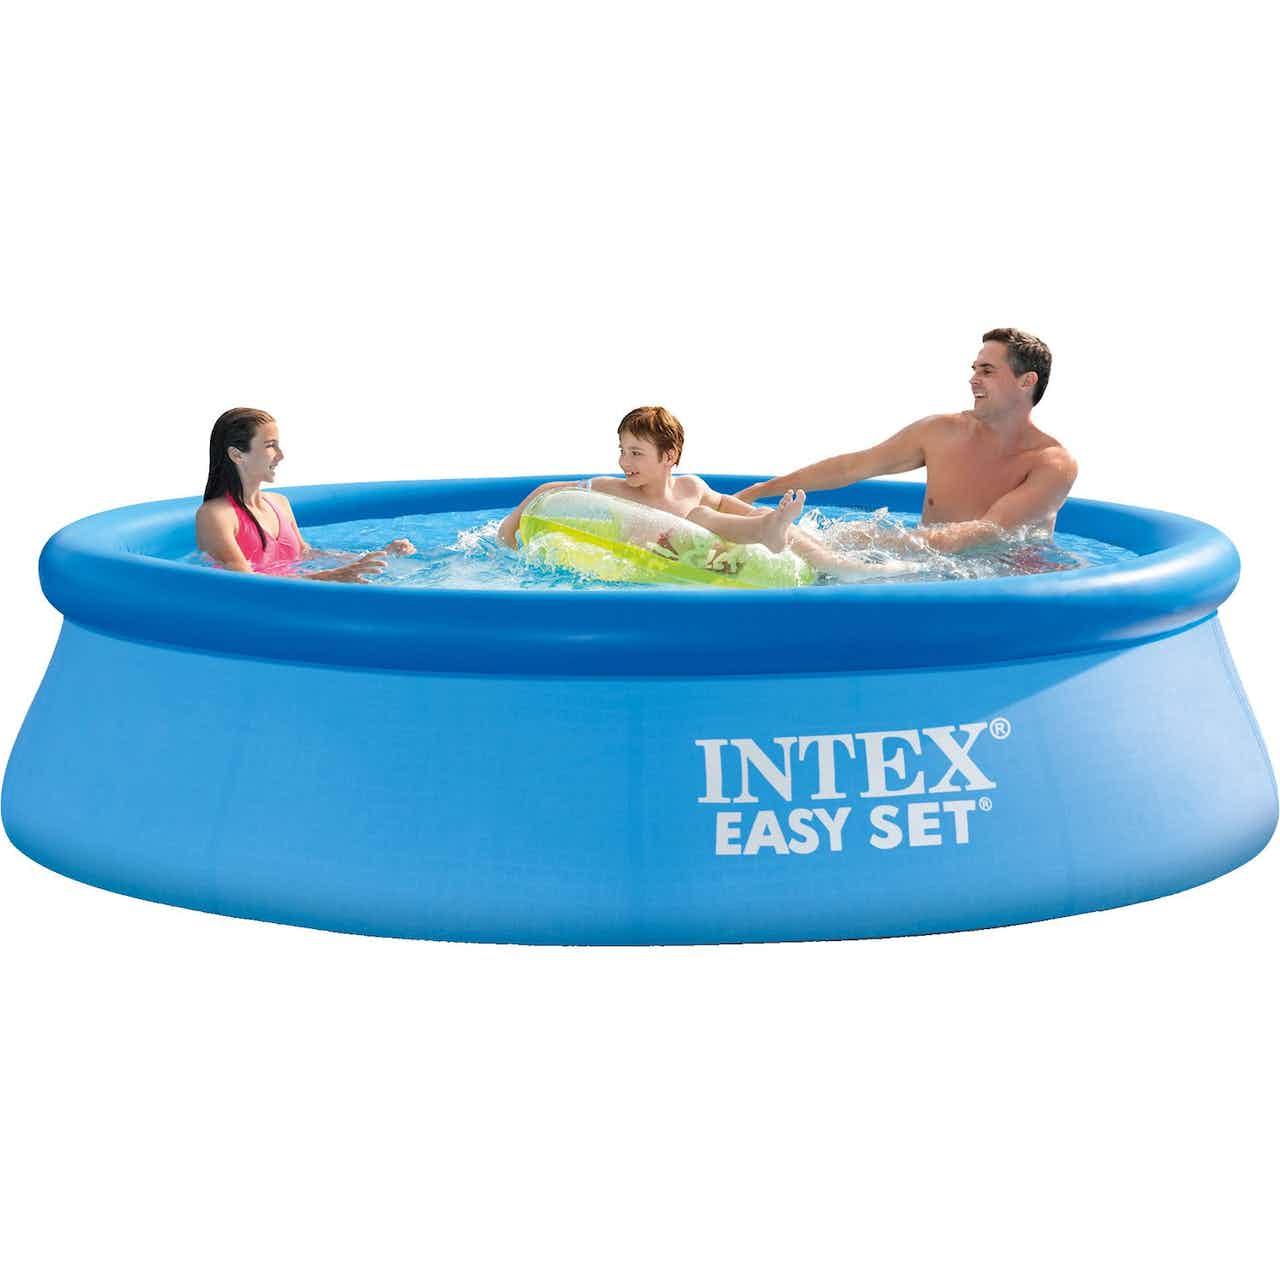 Intex Easy Set Pool PVC Blau, Rund, Ø 305 x 76 cm